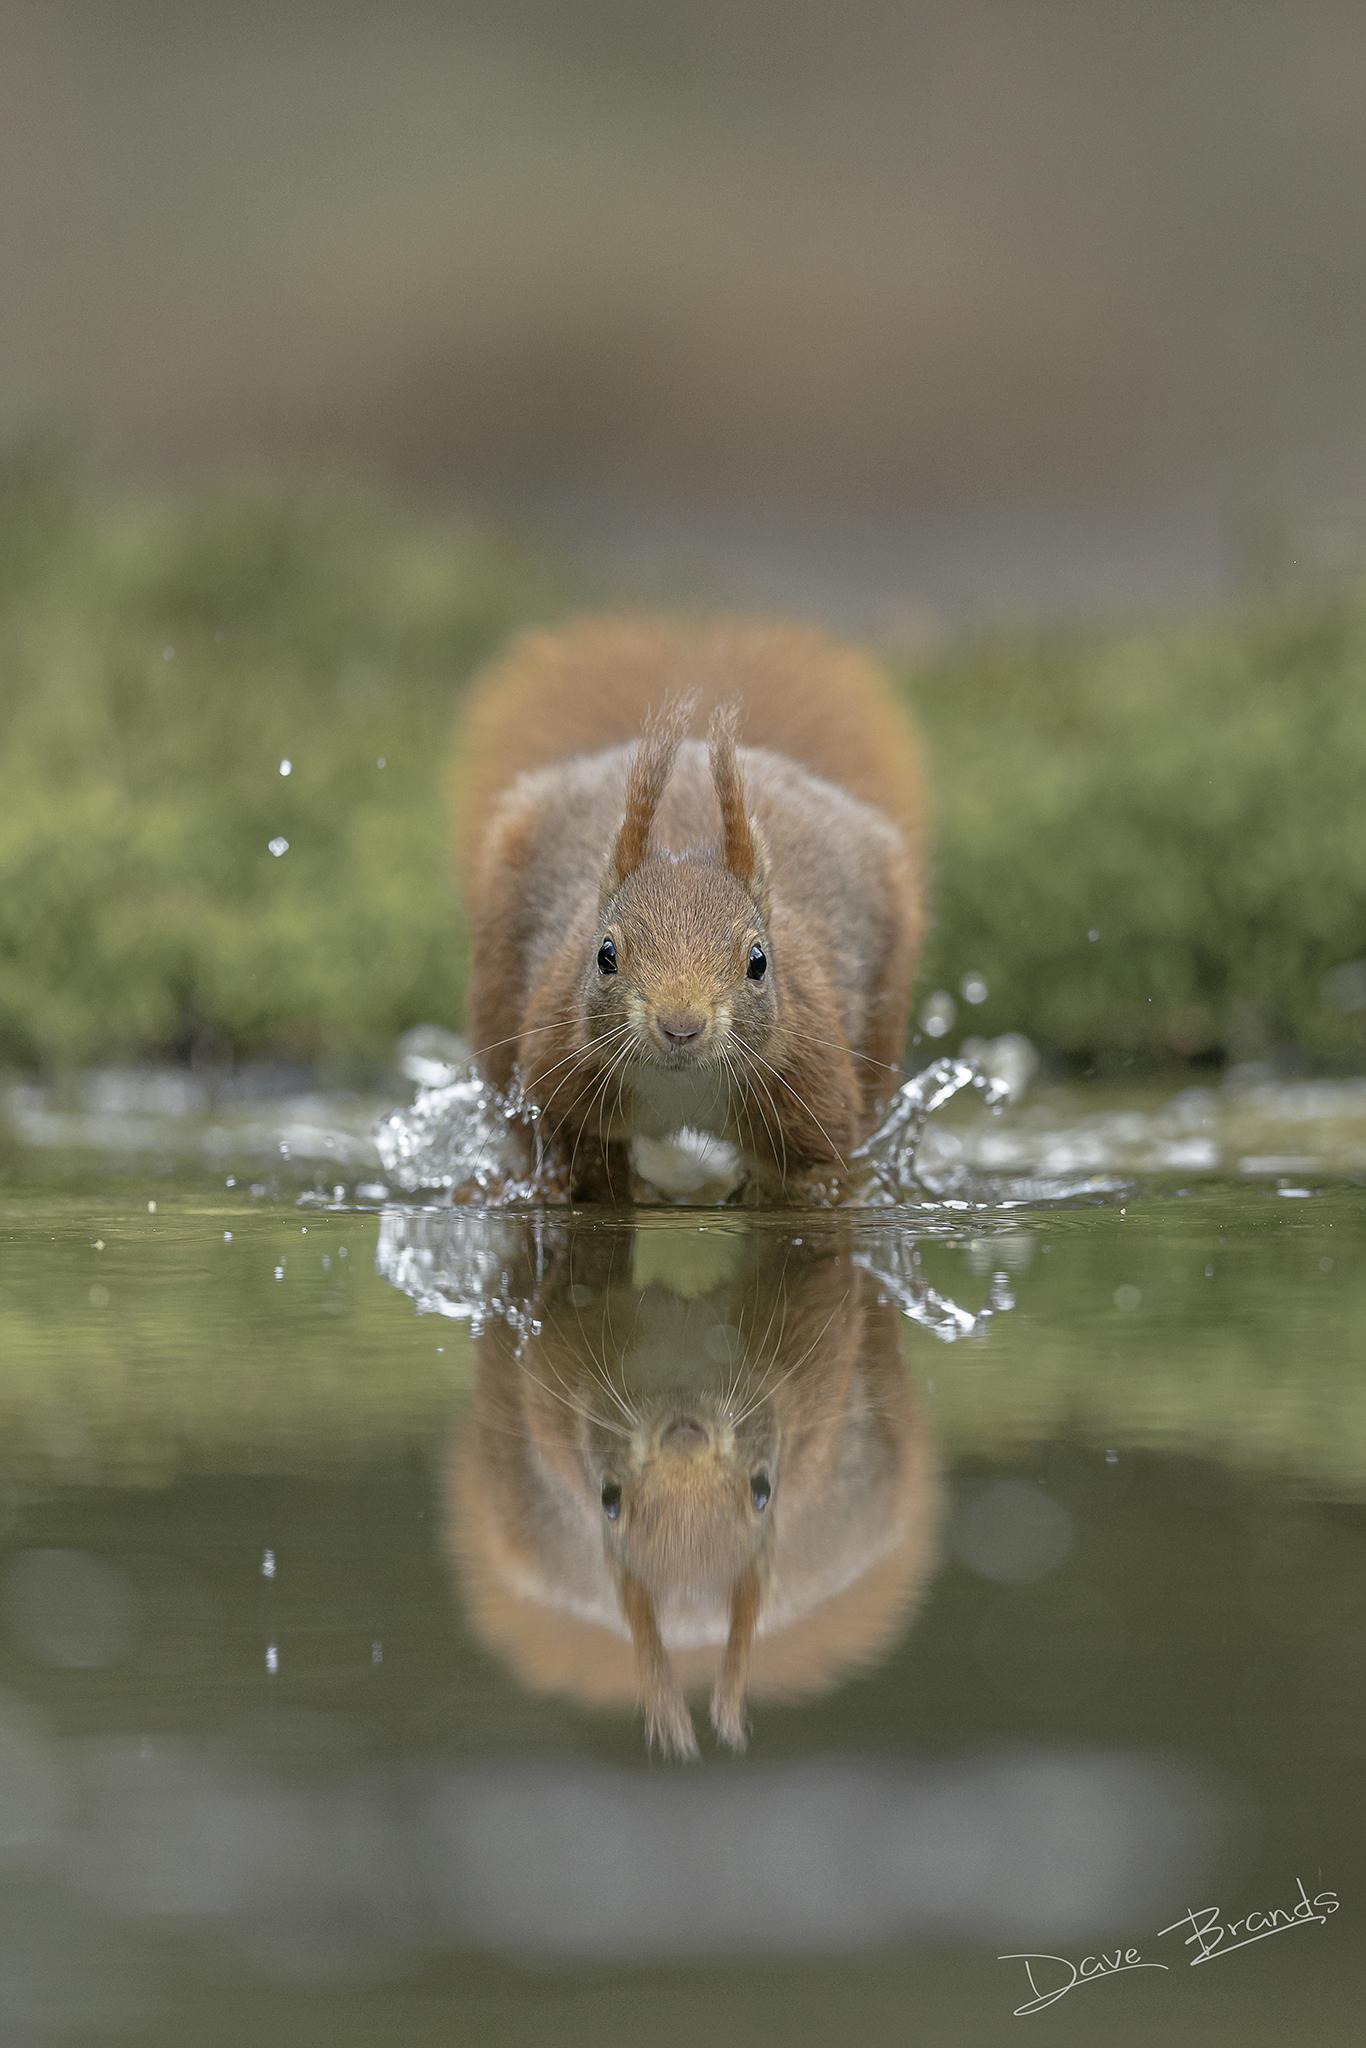 Walk on water! - Deze eekhoorn besloot ineens om dwars door het ondiepe water op me af te komen rennen. - foto door daveenrenee op 07-04-2021 - locatie: Noord-Brabant, Nederland - deze foto bevat: eekhoorn, water, reflectie, actie, natuur, groen, scherptediepte, canon, water, vloeistof, vloeistof, knaagdier, fawn, snuit, terrestrische dieren, staart, dieren in het wild, macrofotografie